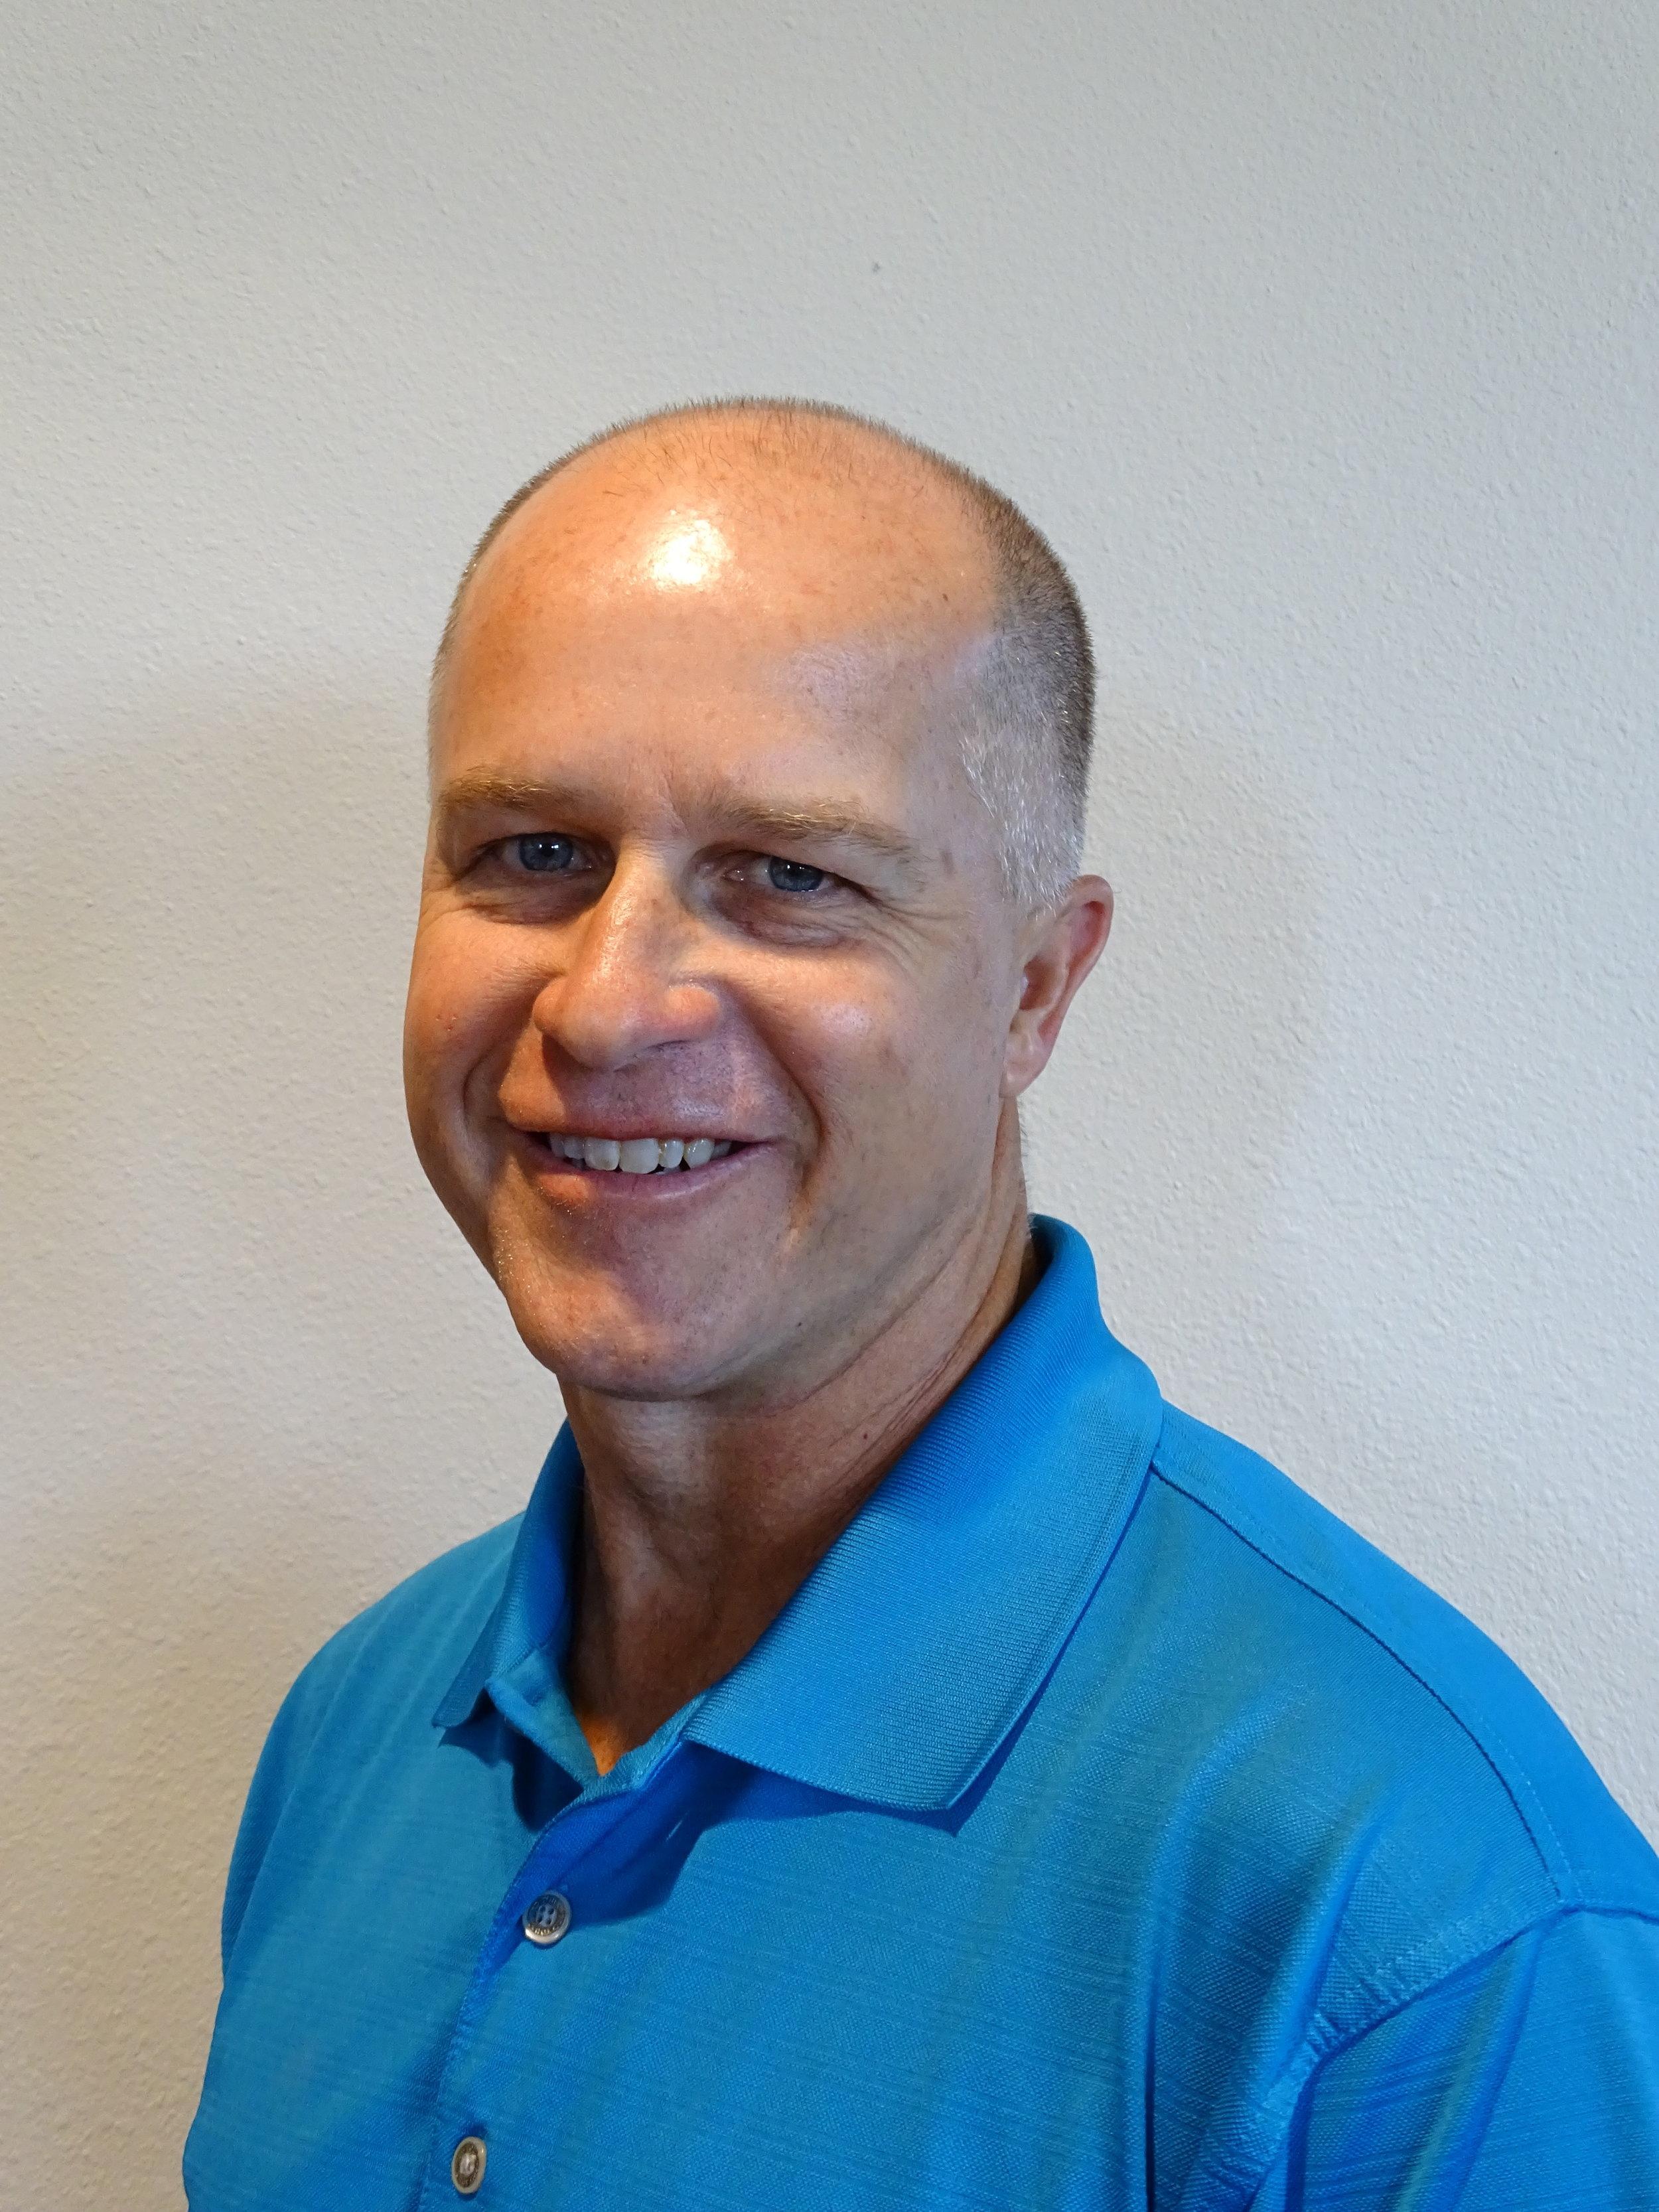 Scott evans, audio/visual director